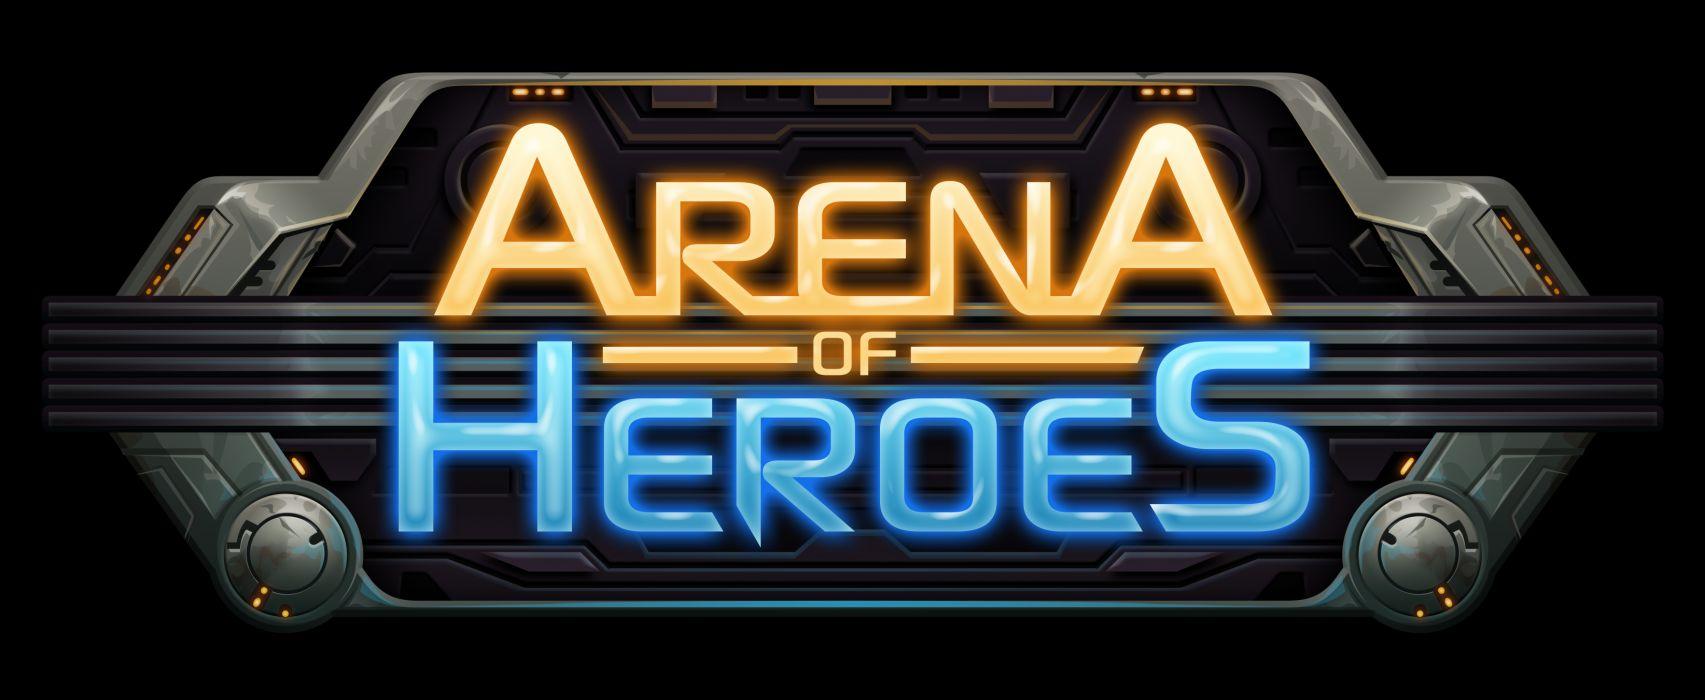 ARENA OF HEROES sci-fi fantasy (1) wallpaper